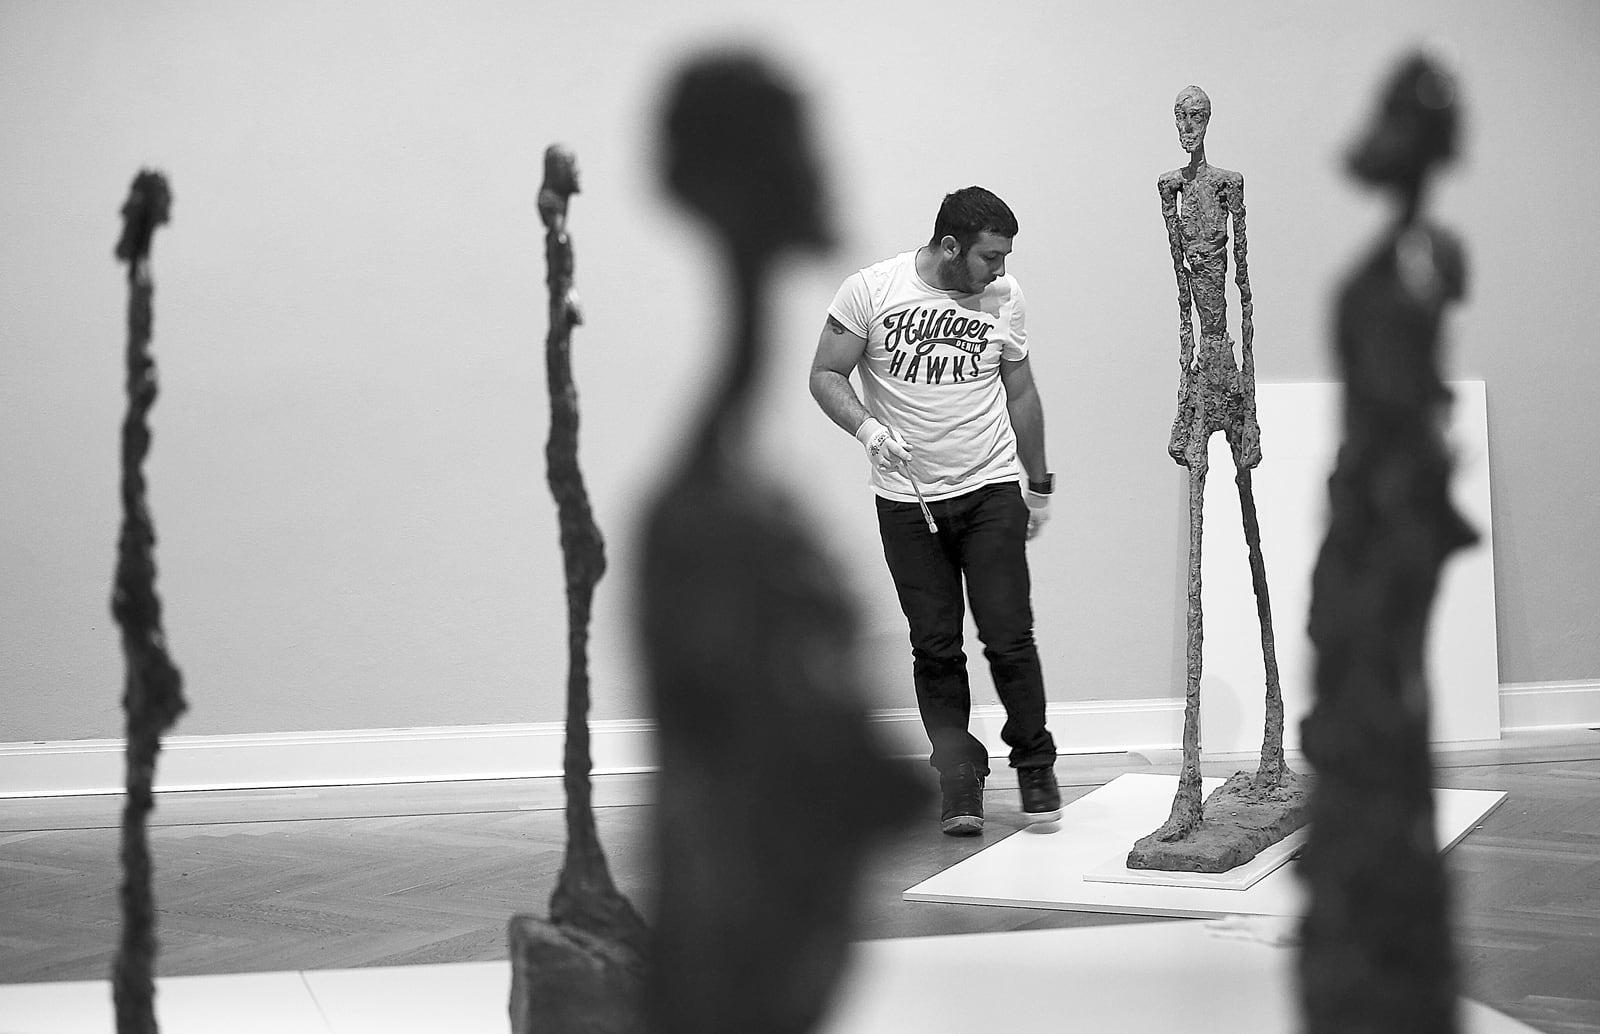 Preparació per l'exhibició de l'escultura L'home que camina d'Alberto Giacometti, al Museu Picasso de Münster, Alemanya, el 2016. Fotografia d'Oliver Berg. AFP. Getty Images.